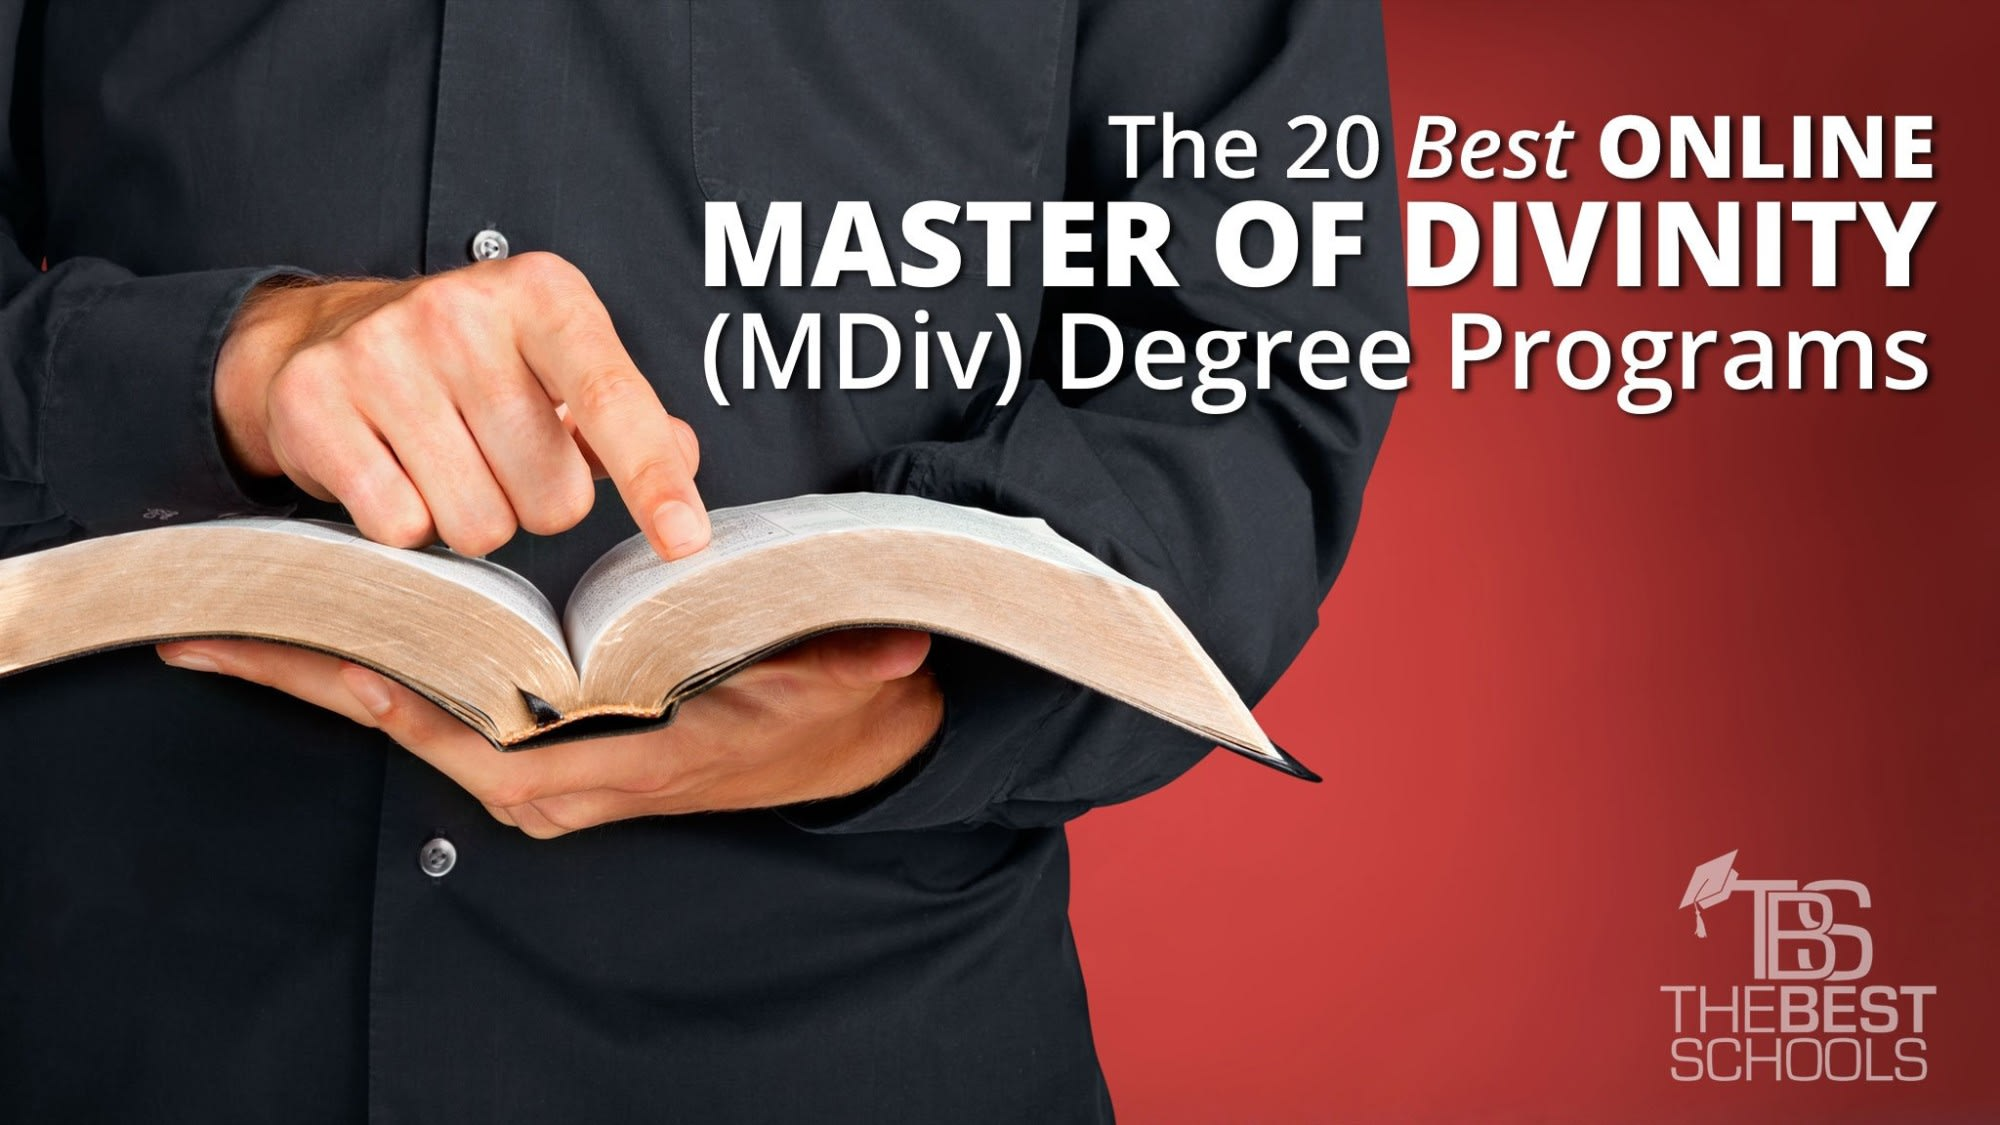 The 20 Best Online Master of Divinity (MDiv) Degree Programs